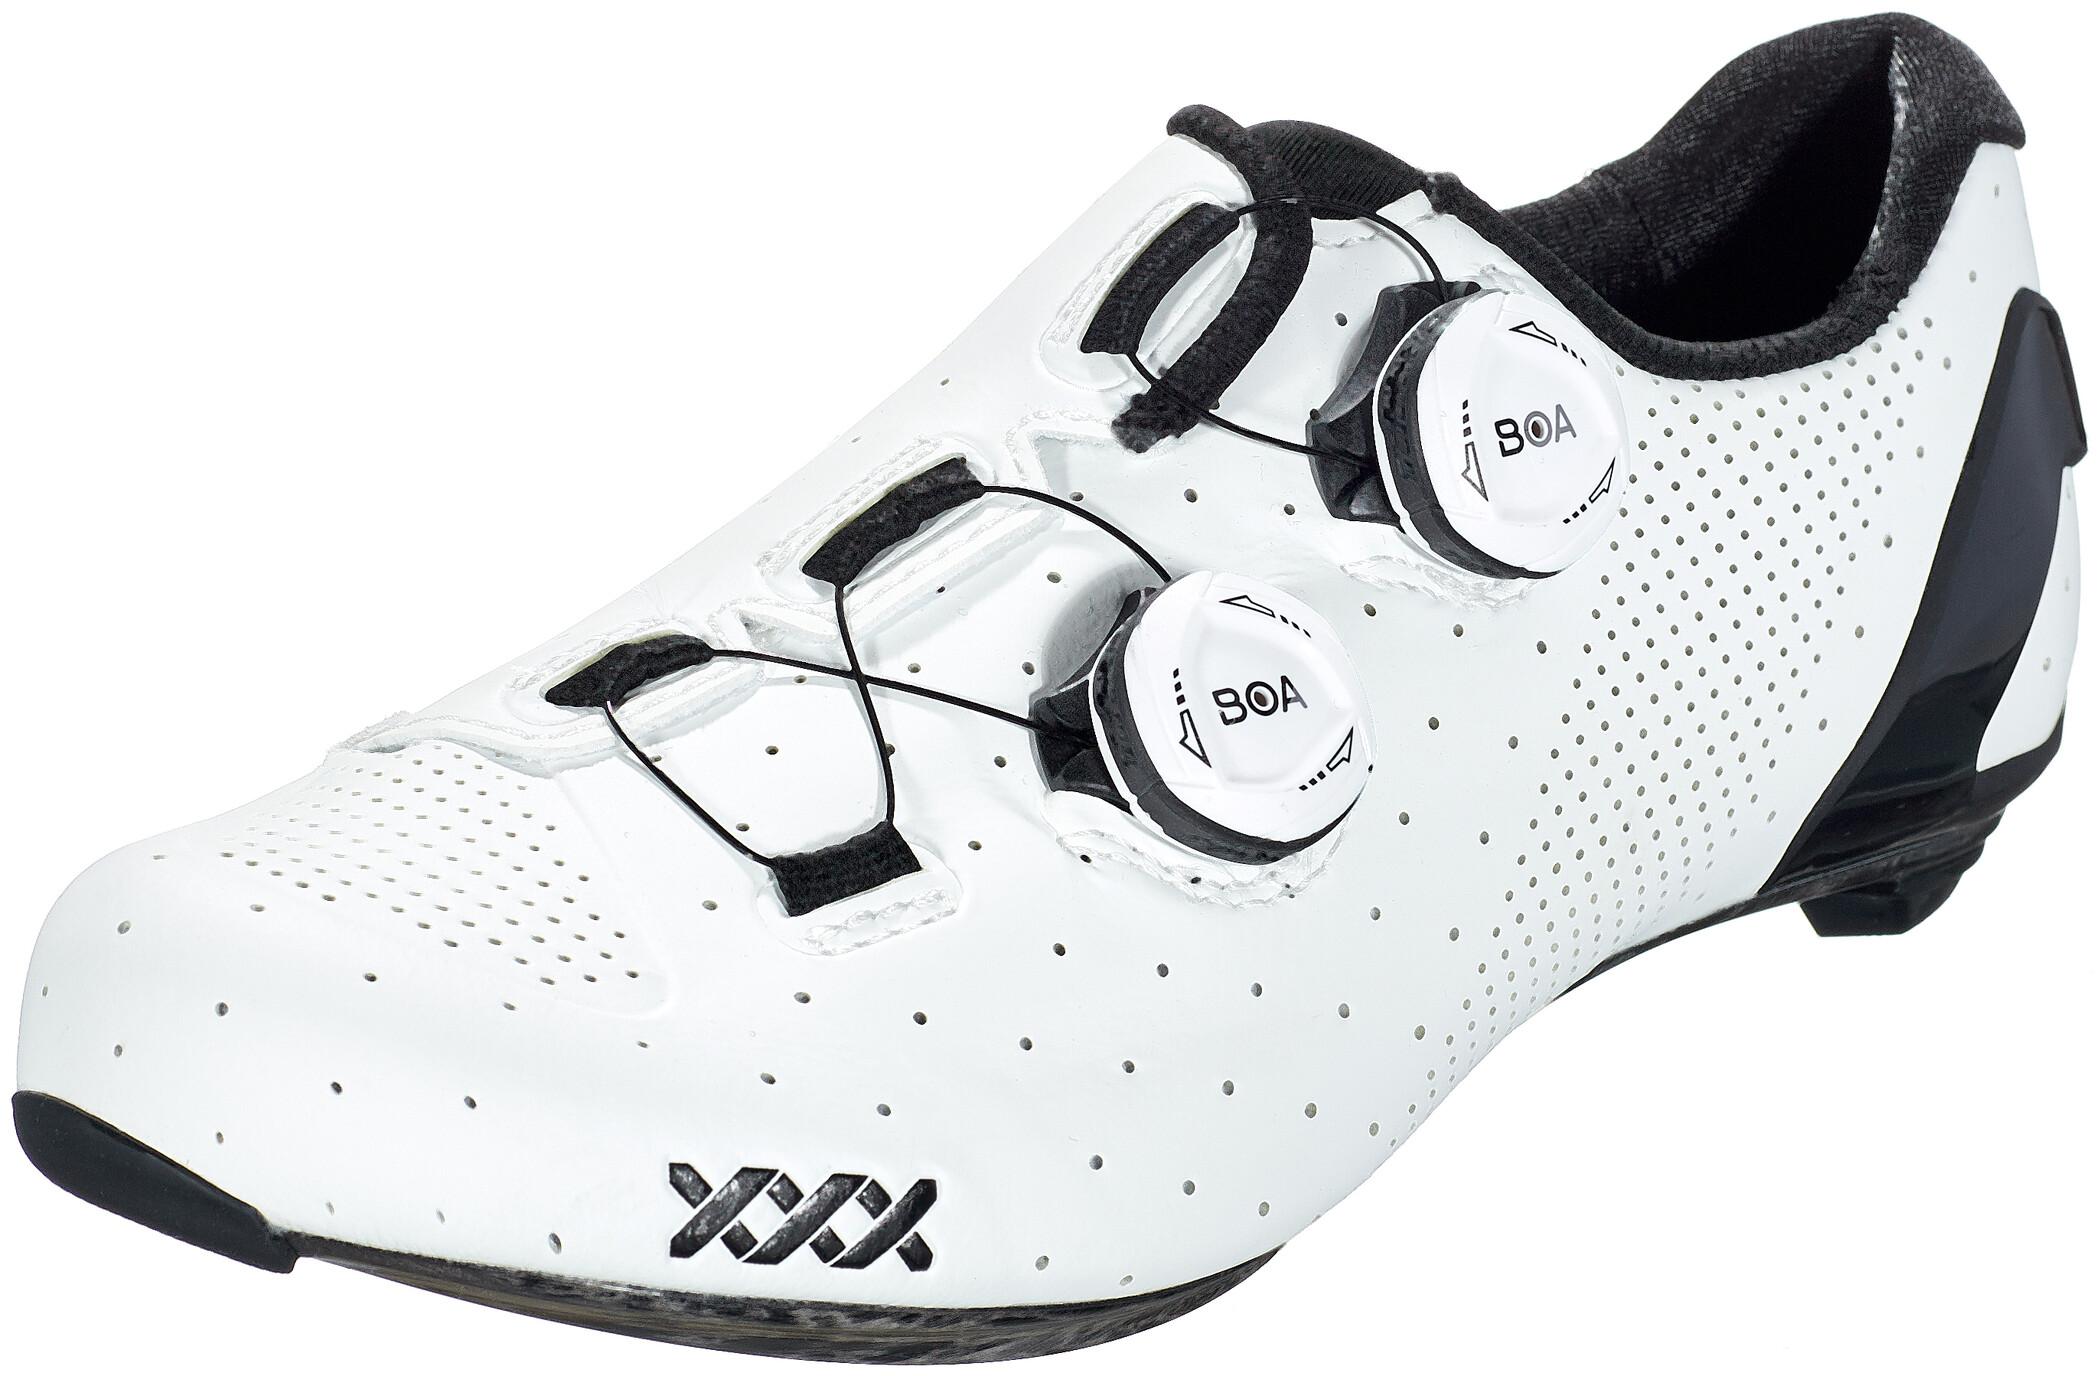 Bontrager Rennradschuhe » jetzt günstig bei Brügelmann